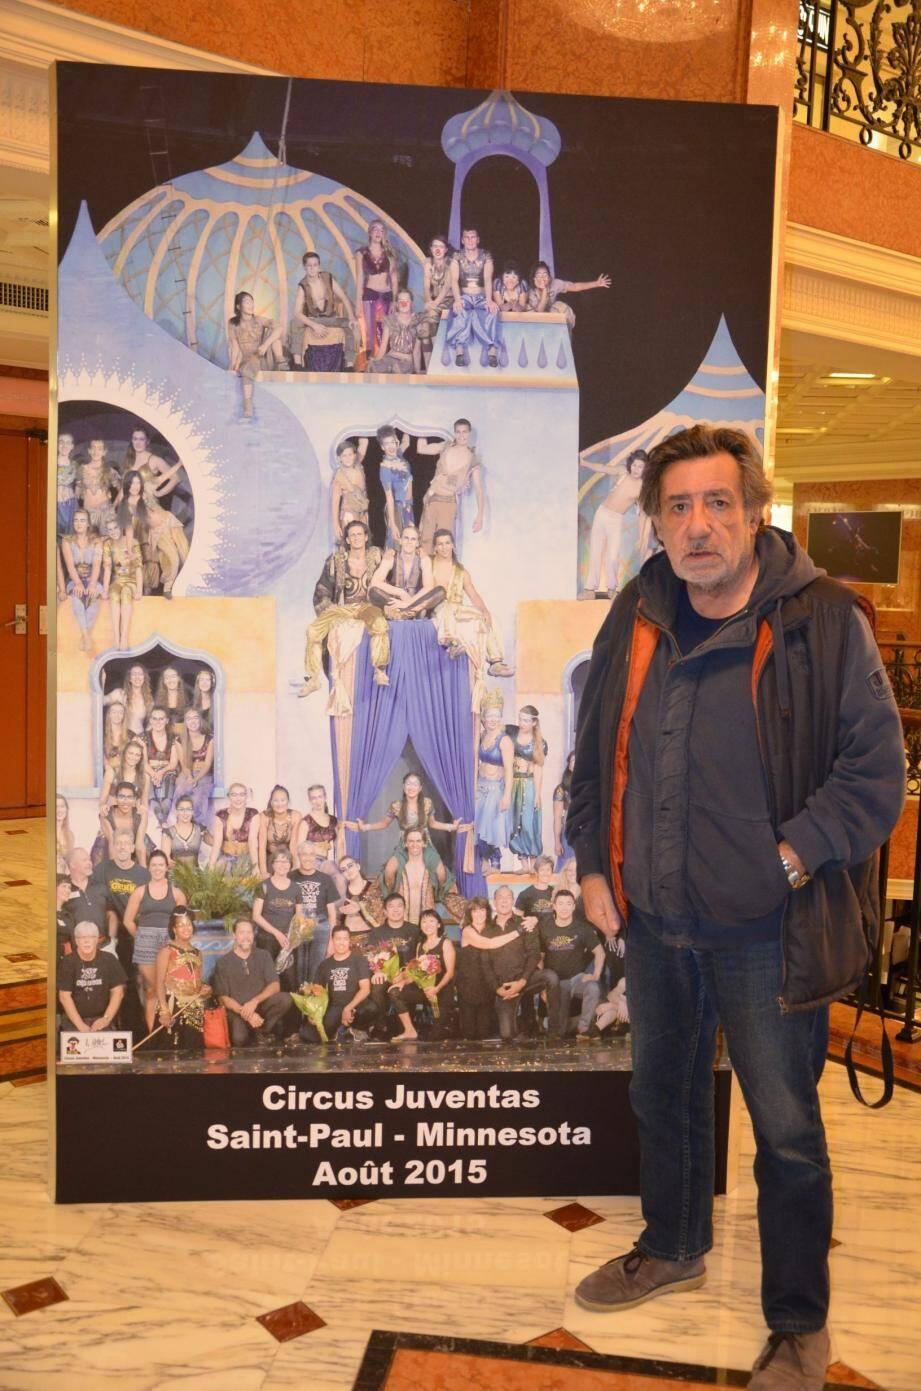 Une exposition de clichés exclusifs du Cirque Juventas est à découvrir sur les trois niveaux du Métropole Shopping Center.